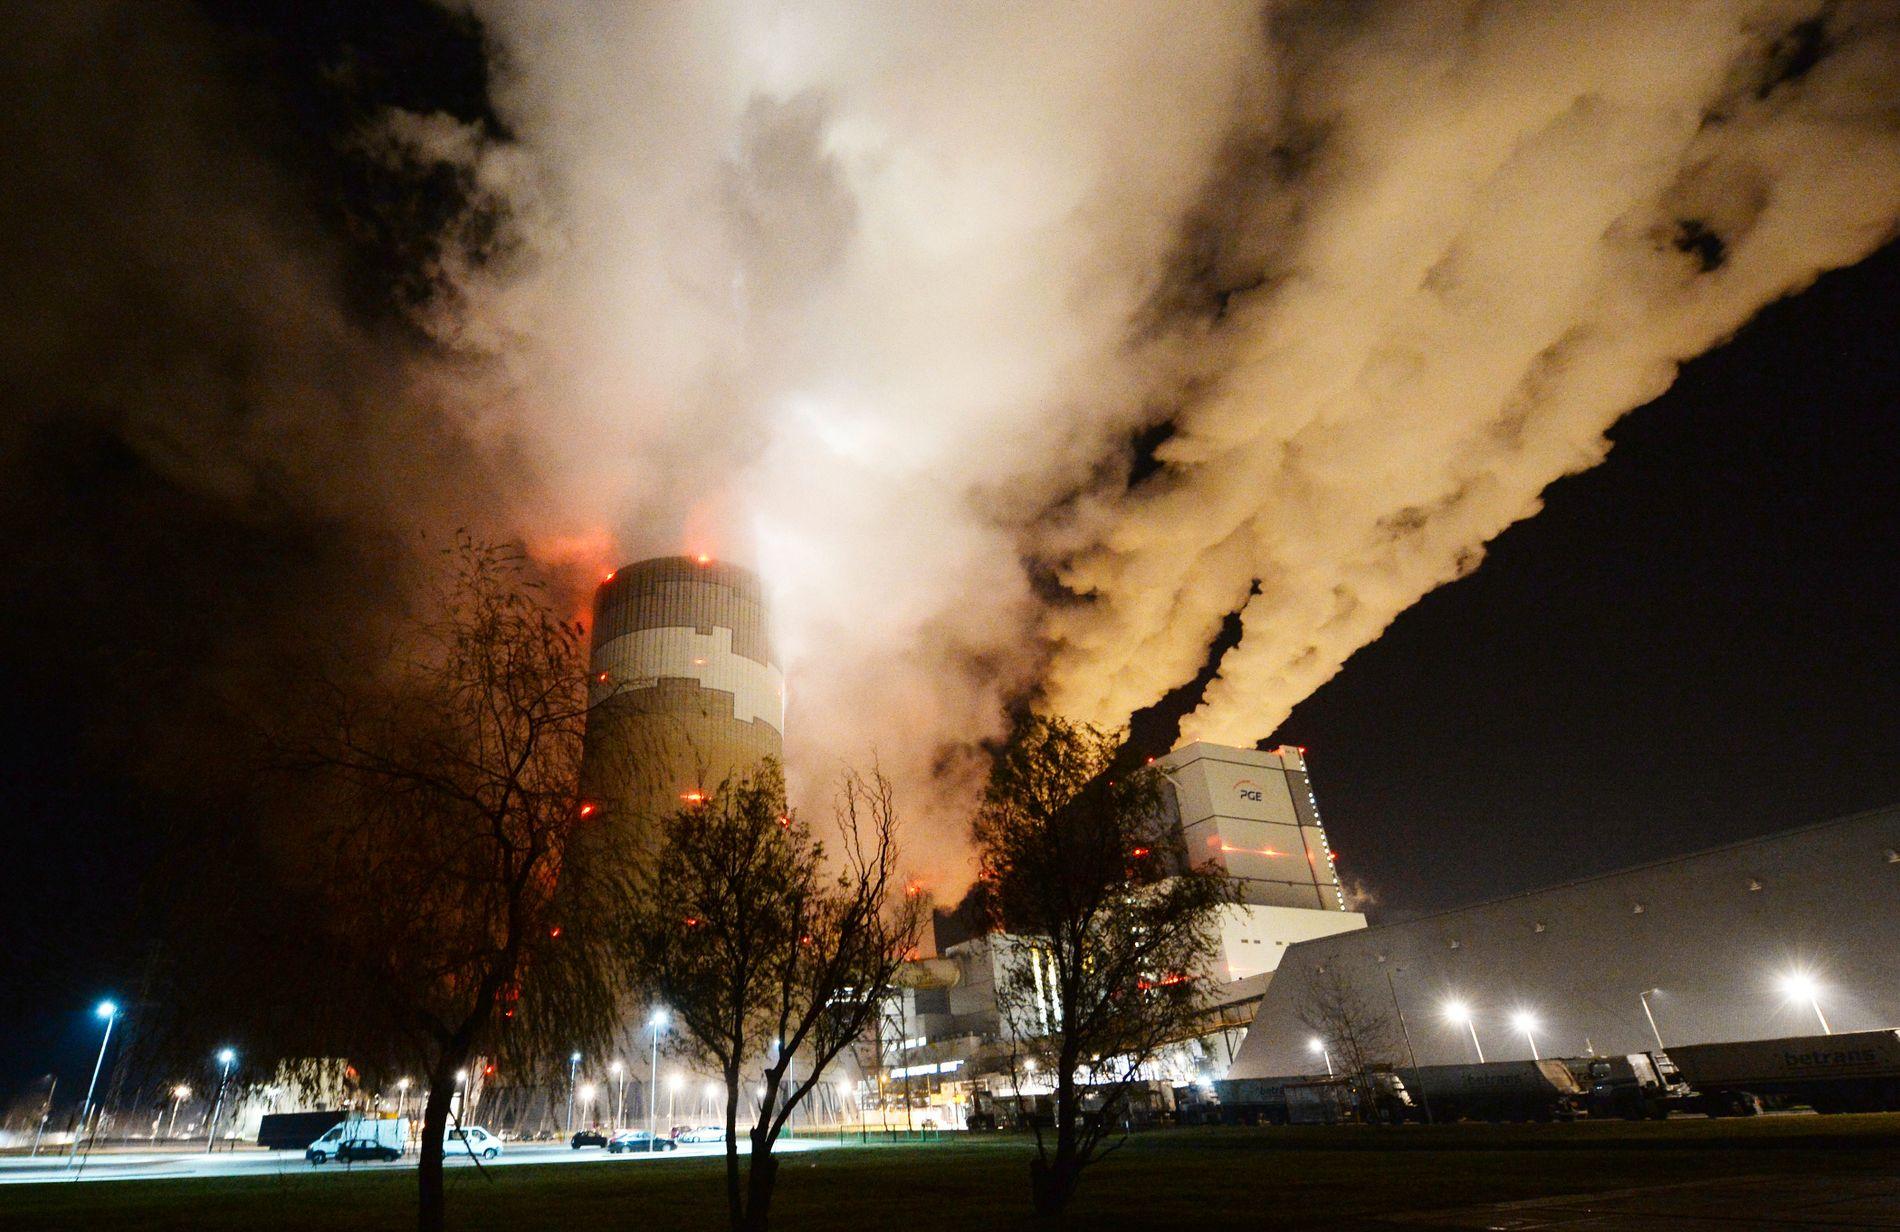 Røyk og damp stiger opp fra Europas største brunkull-kraftverk i Betchatow i Polen. Noen mil unna ligger Katowice, hvor klimaforhandlere fra hele verden forsøker å bli enige om et nytt regelverk for iverksettelsen av Parisavtalen.